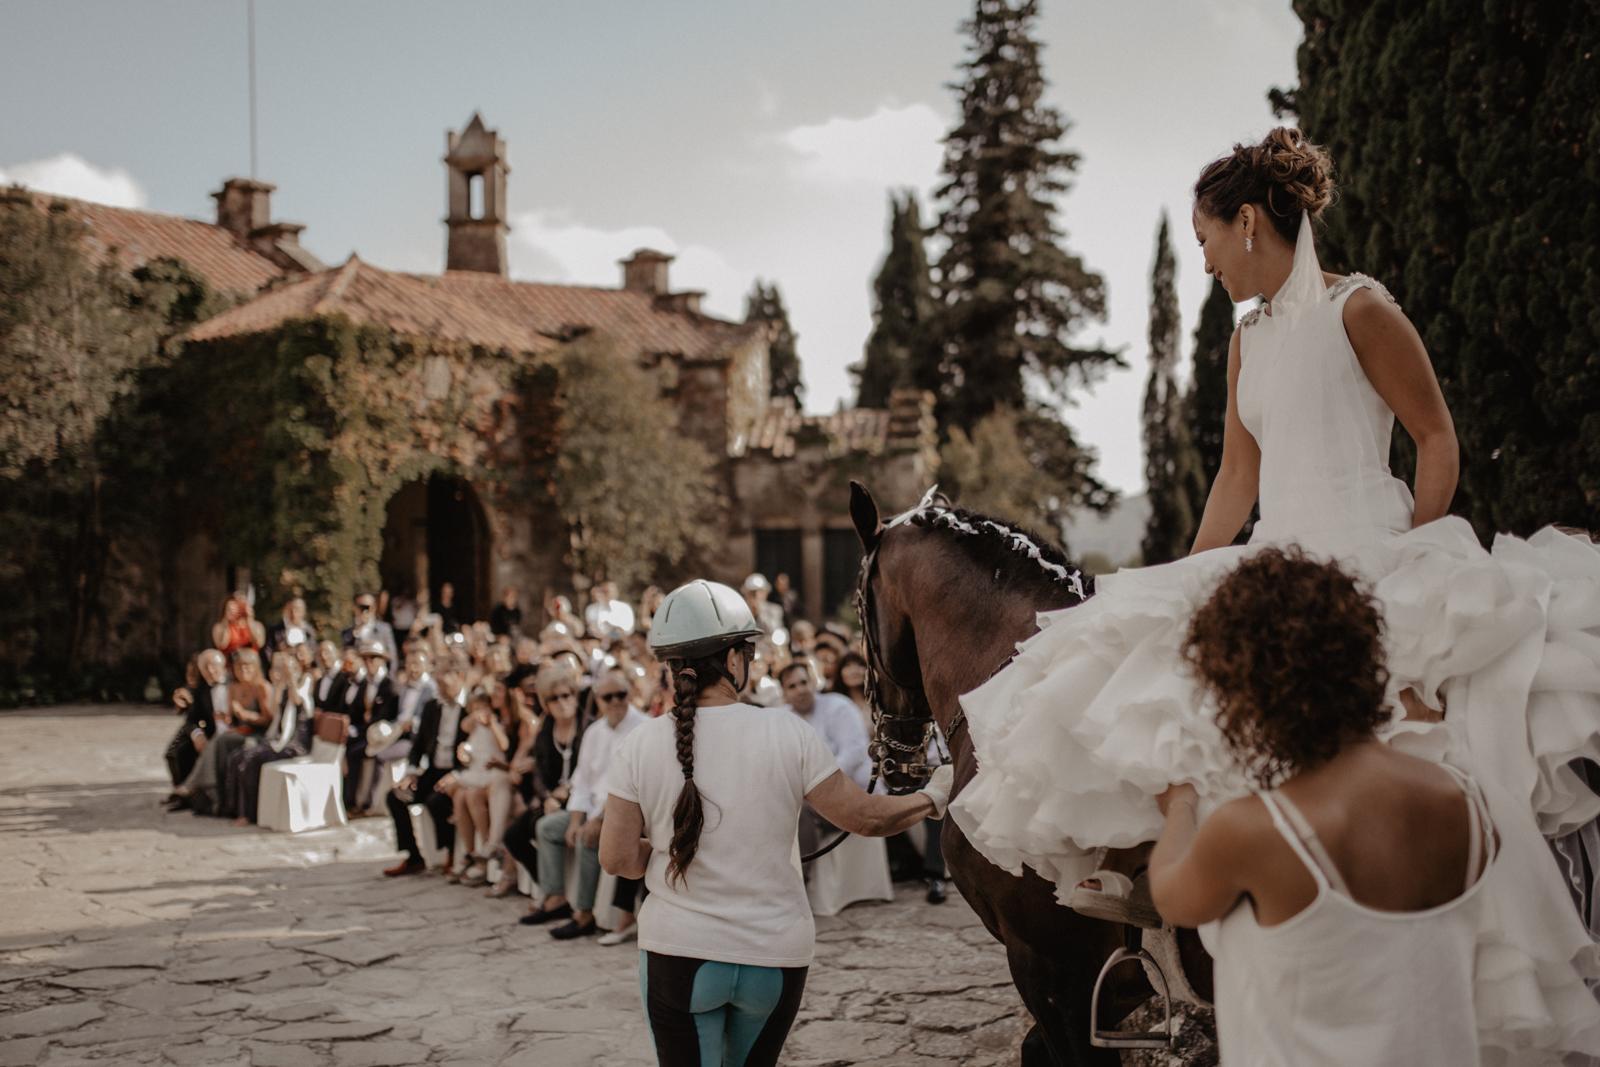 thenortherngirlphotography_photography_thenortherngirl_rebeccascabros_wedding_weddingphotography_weddingphotographer_barcelona_bodaenlabaronia_labaronia_japanesewedding_destinationwedding_shokoalbert-370.jpg